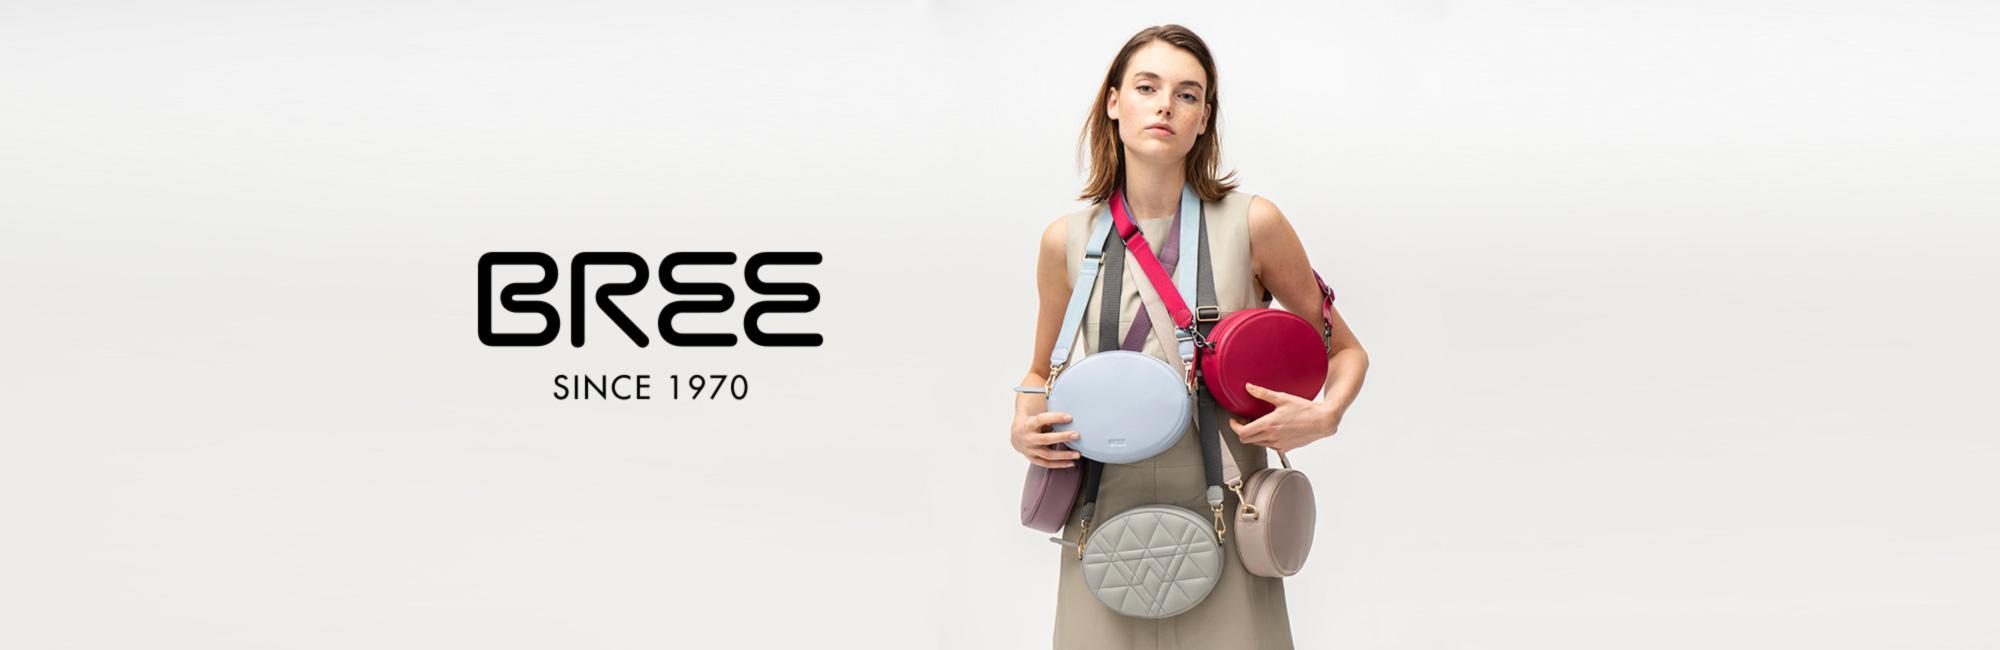 dca23f1f8b4 Bree - shop Bags